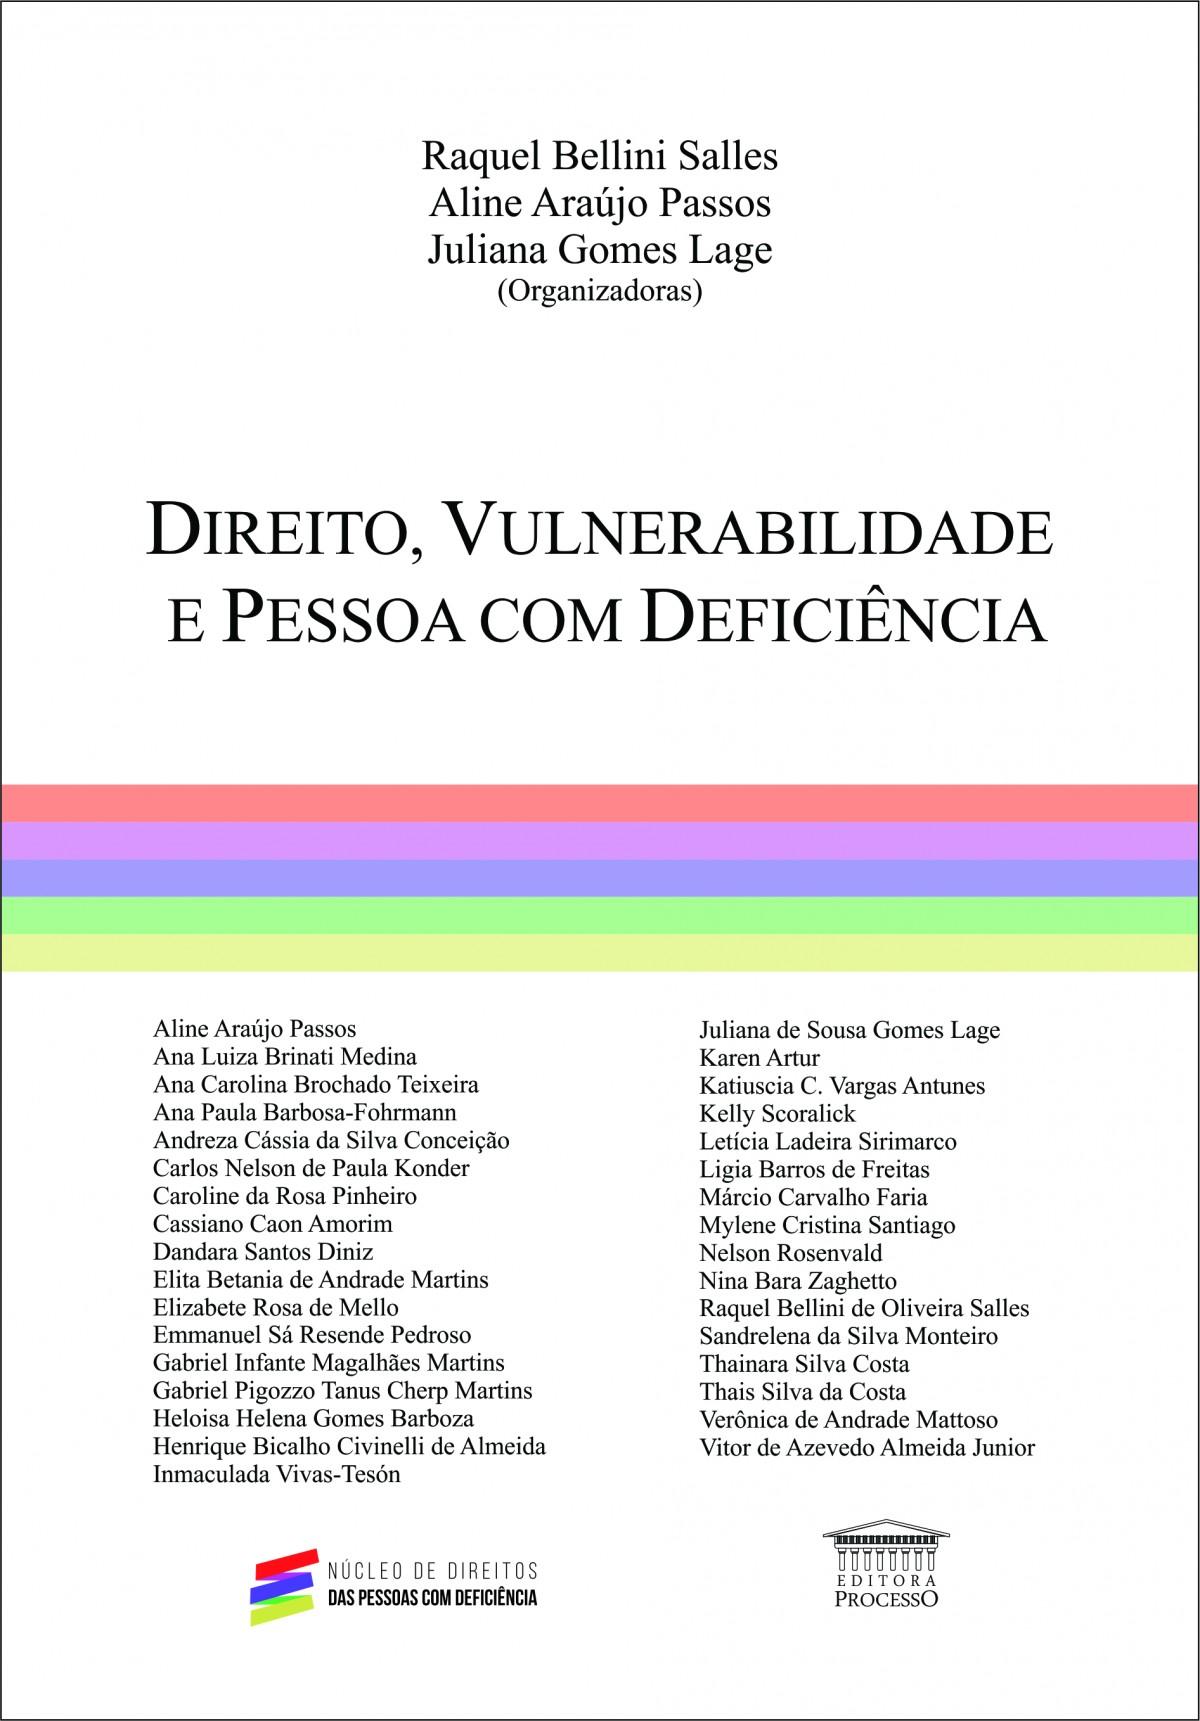 Foto 1 - Direito, Vulnerabilidade e Pessoa com Deficiência